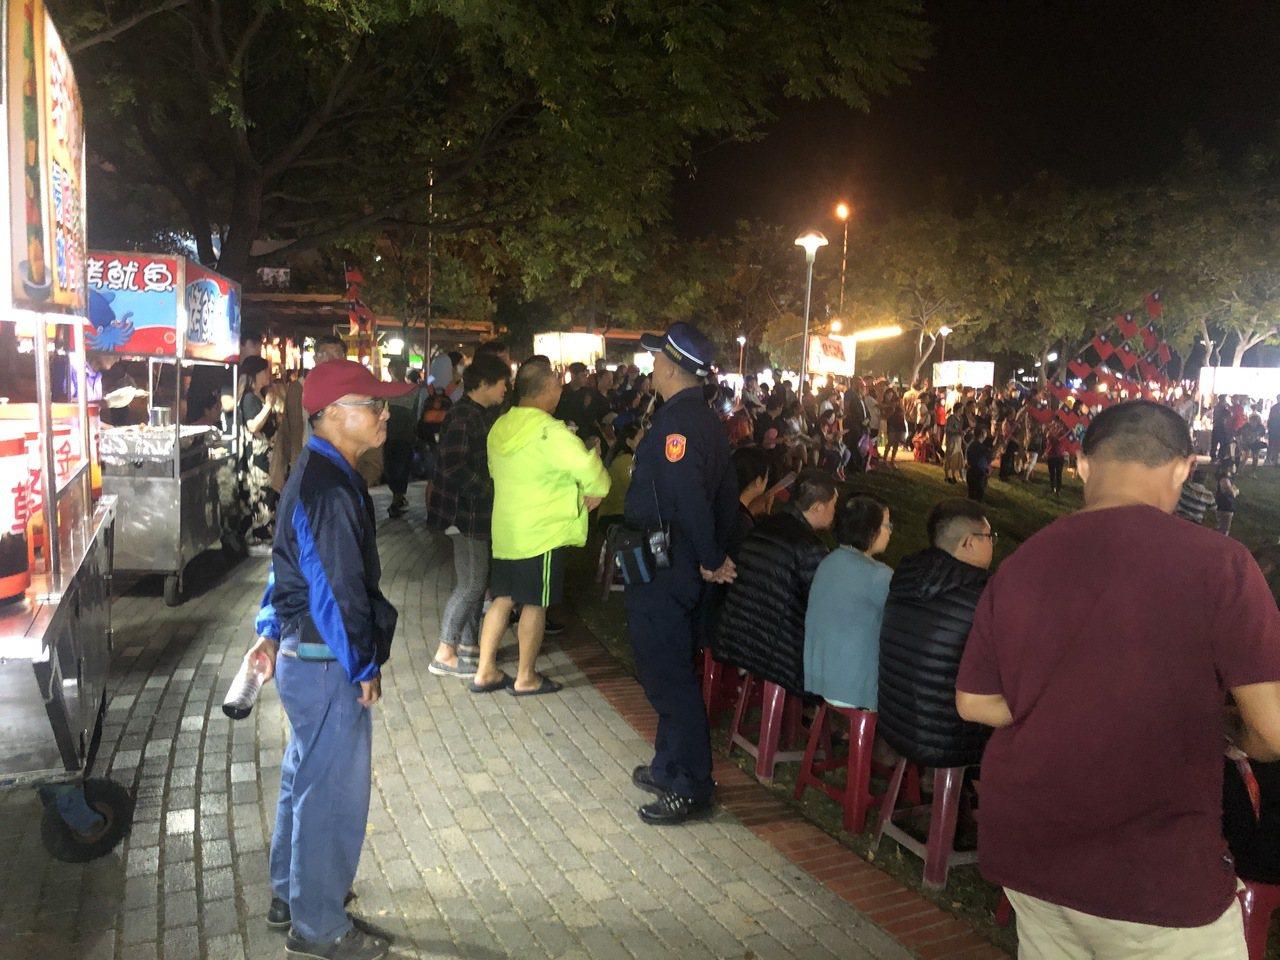 高雄市長韓國瑜昨晚在台南造勢會場遭蛋襲,今晚在嘉義市文化公園舉辦造勢大會,由於有...